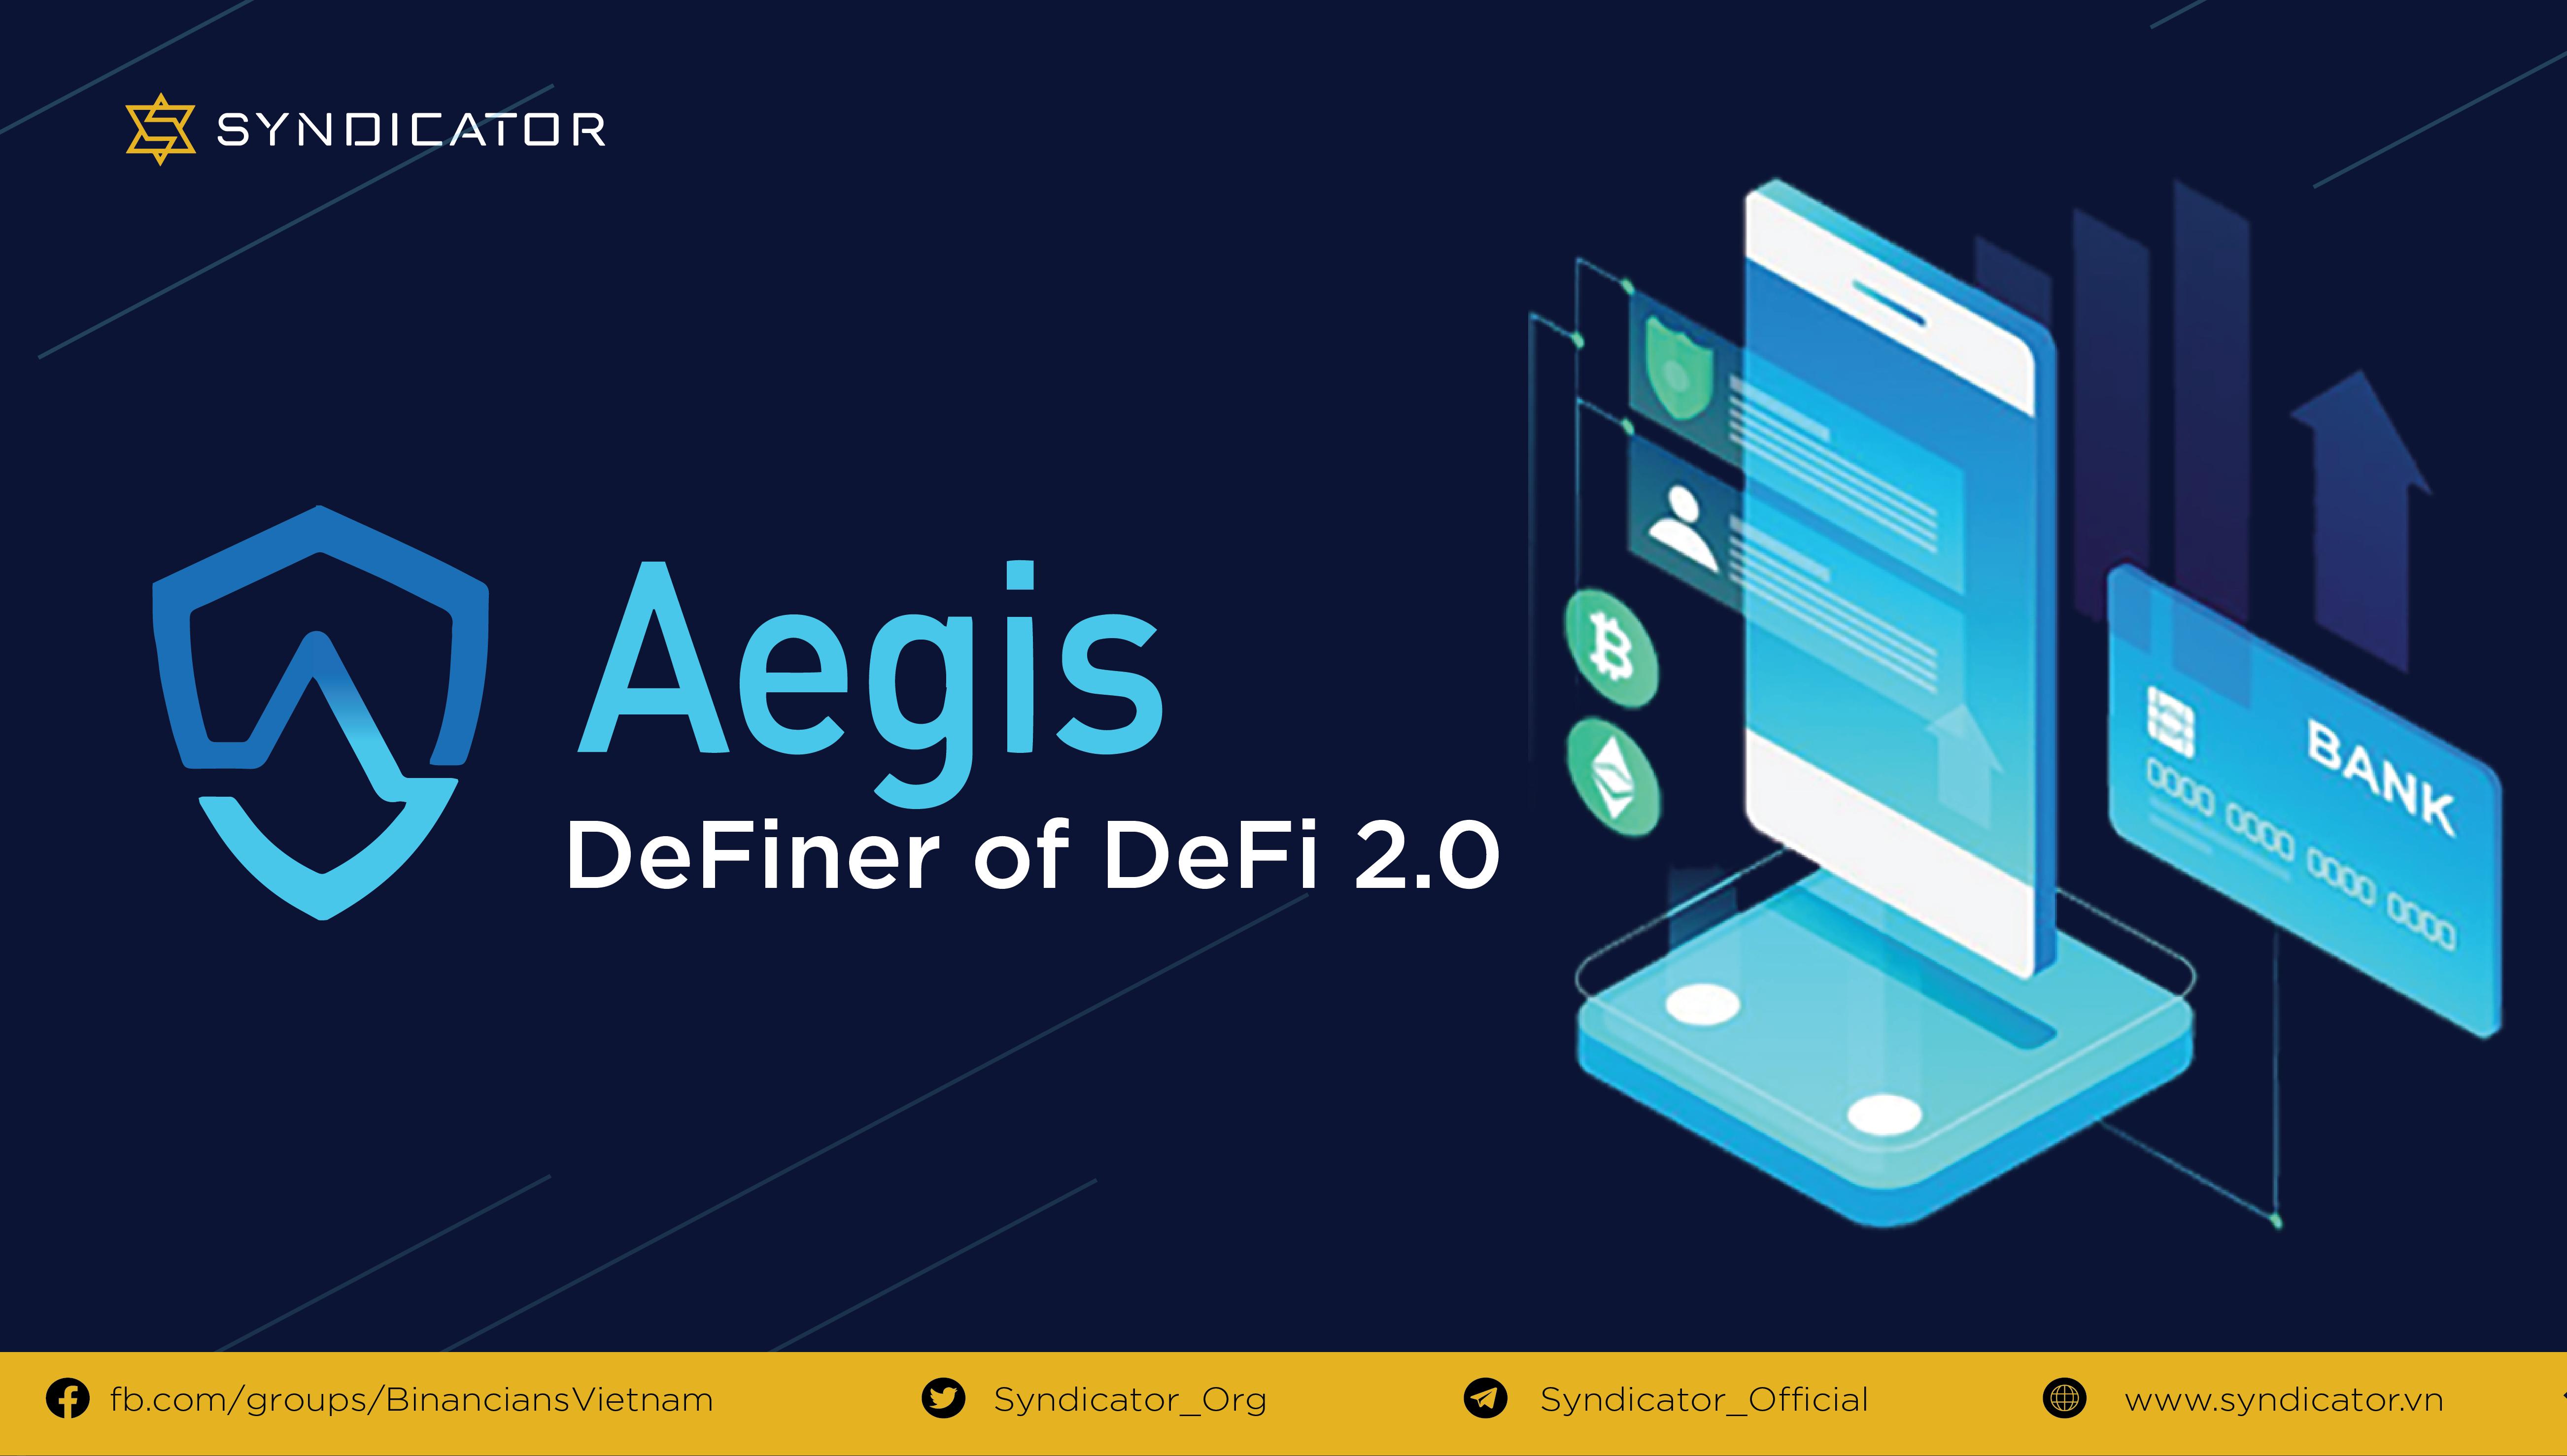 Aegis token, cuộc cách mạng mới cho nền tảng Defi? | Syndicator